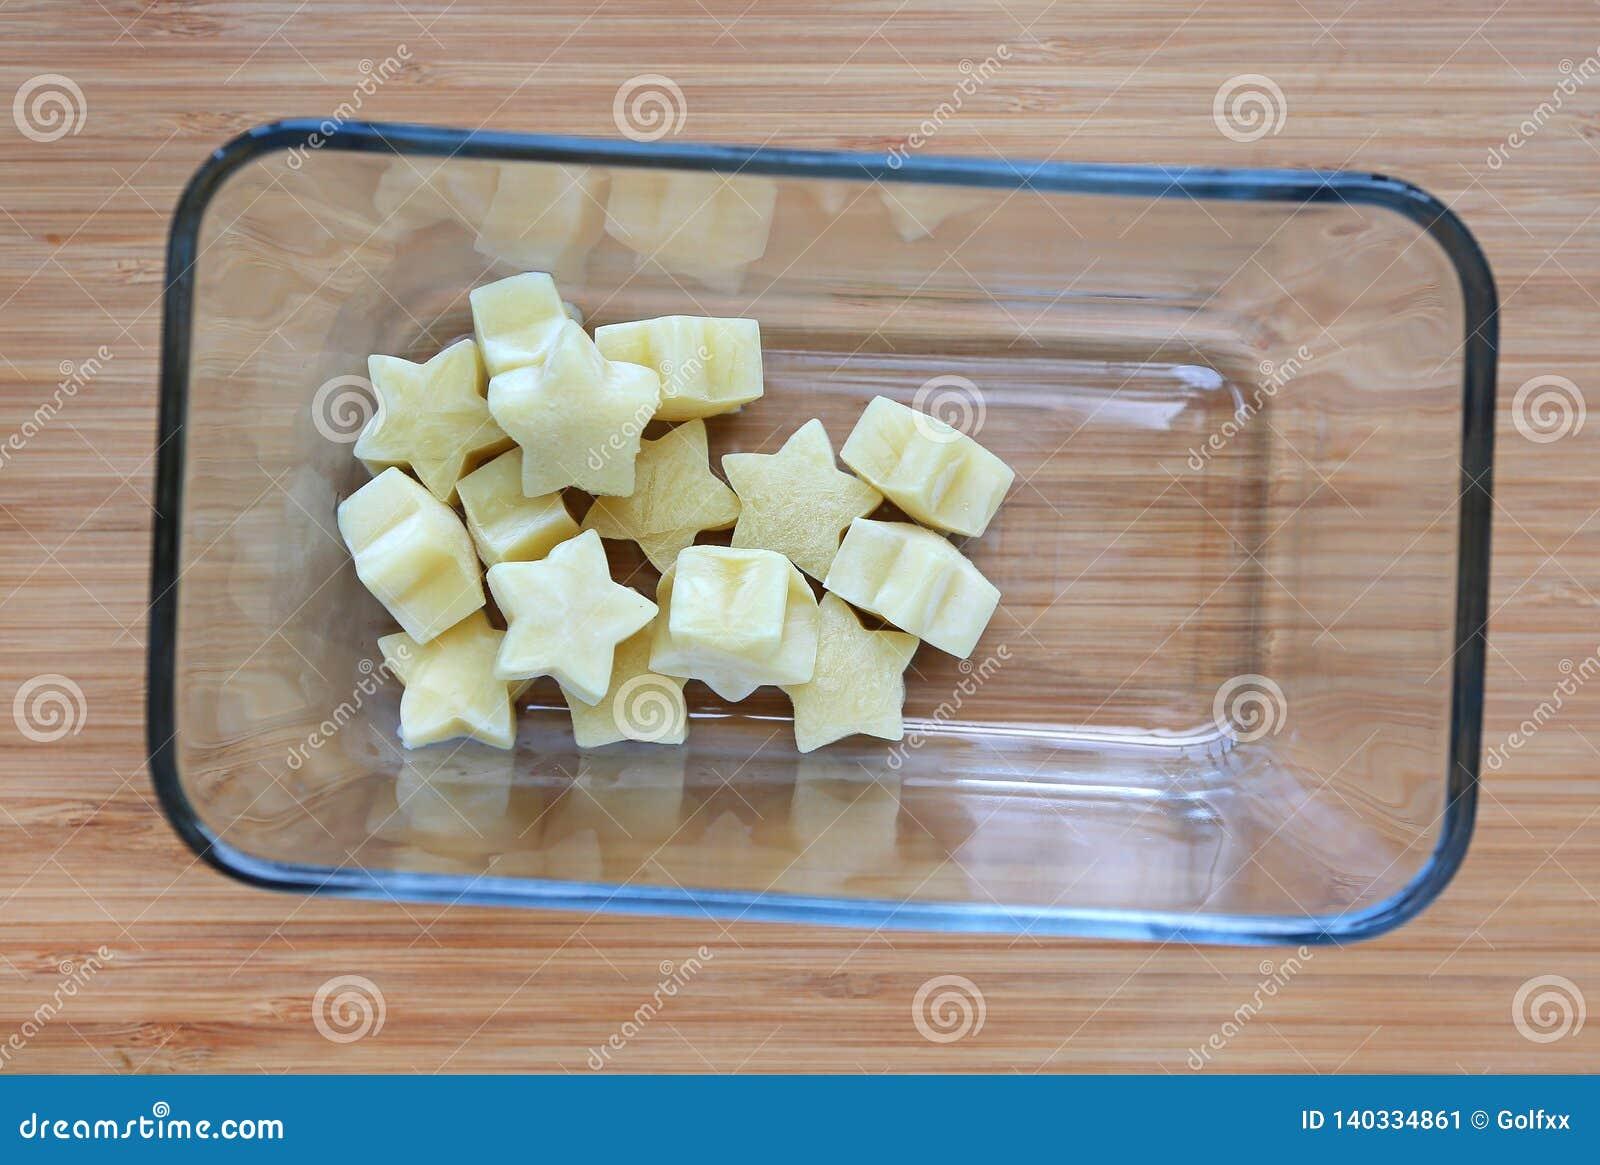 Fryst behandla som ett barn hemlagad mat, gul stjärna från grönsallatkuber i fyrkantig exponeringsglasbunke på träbräde